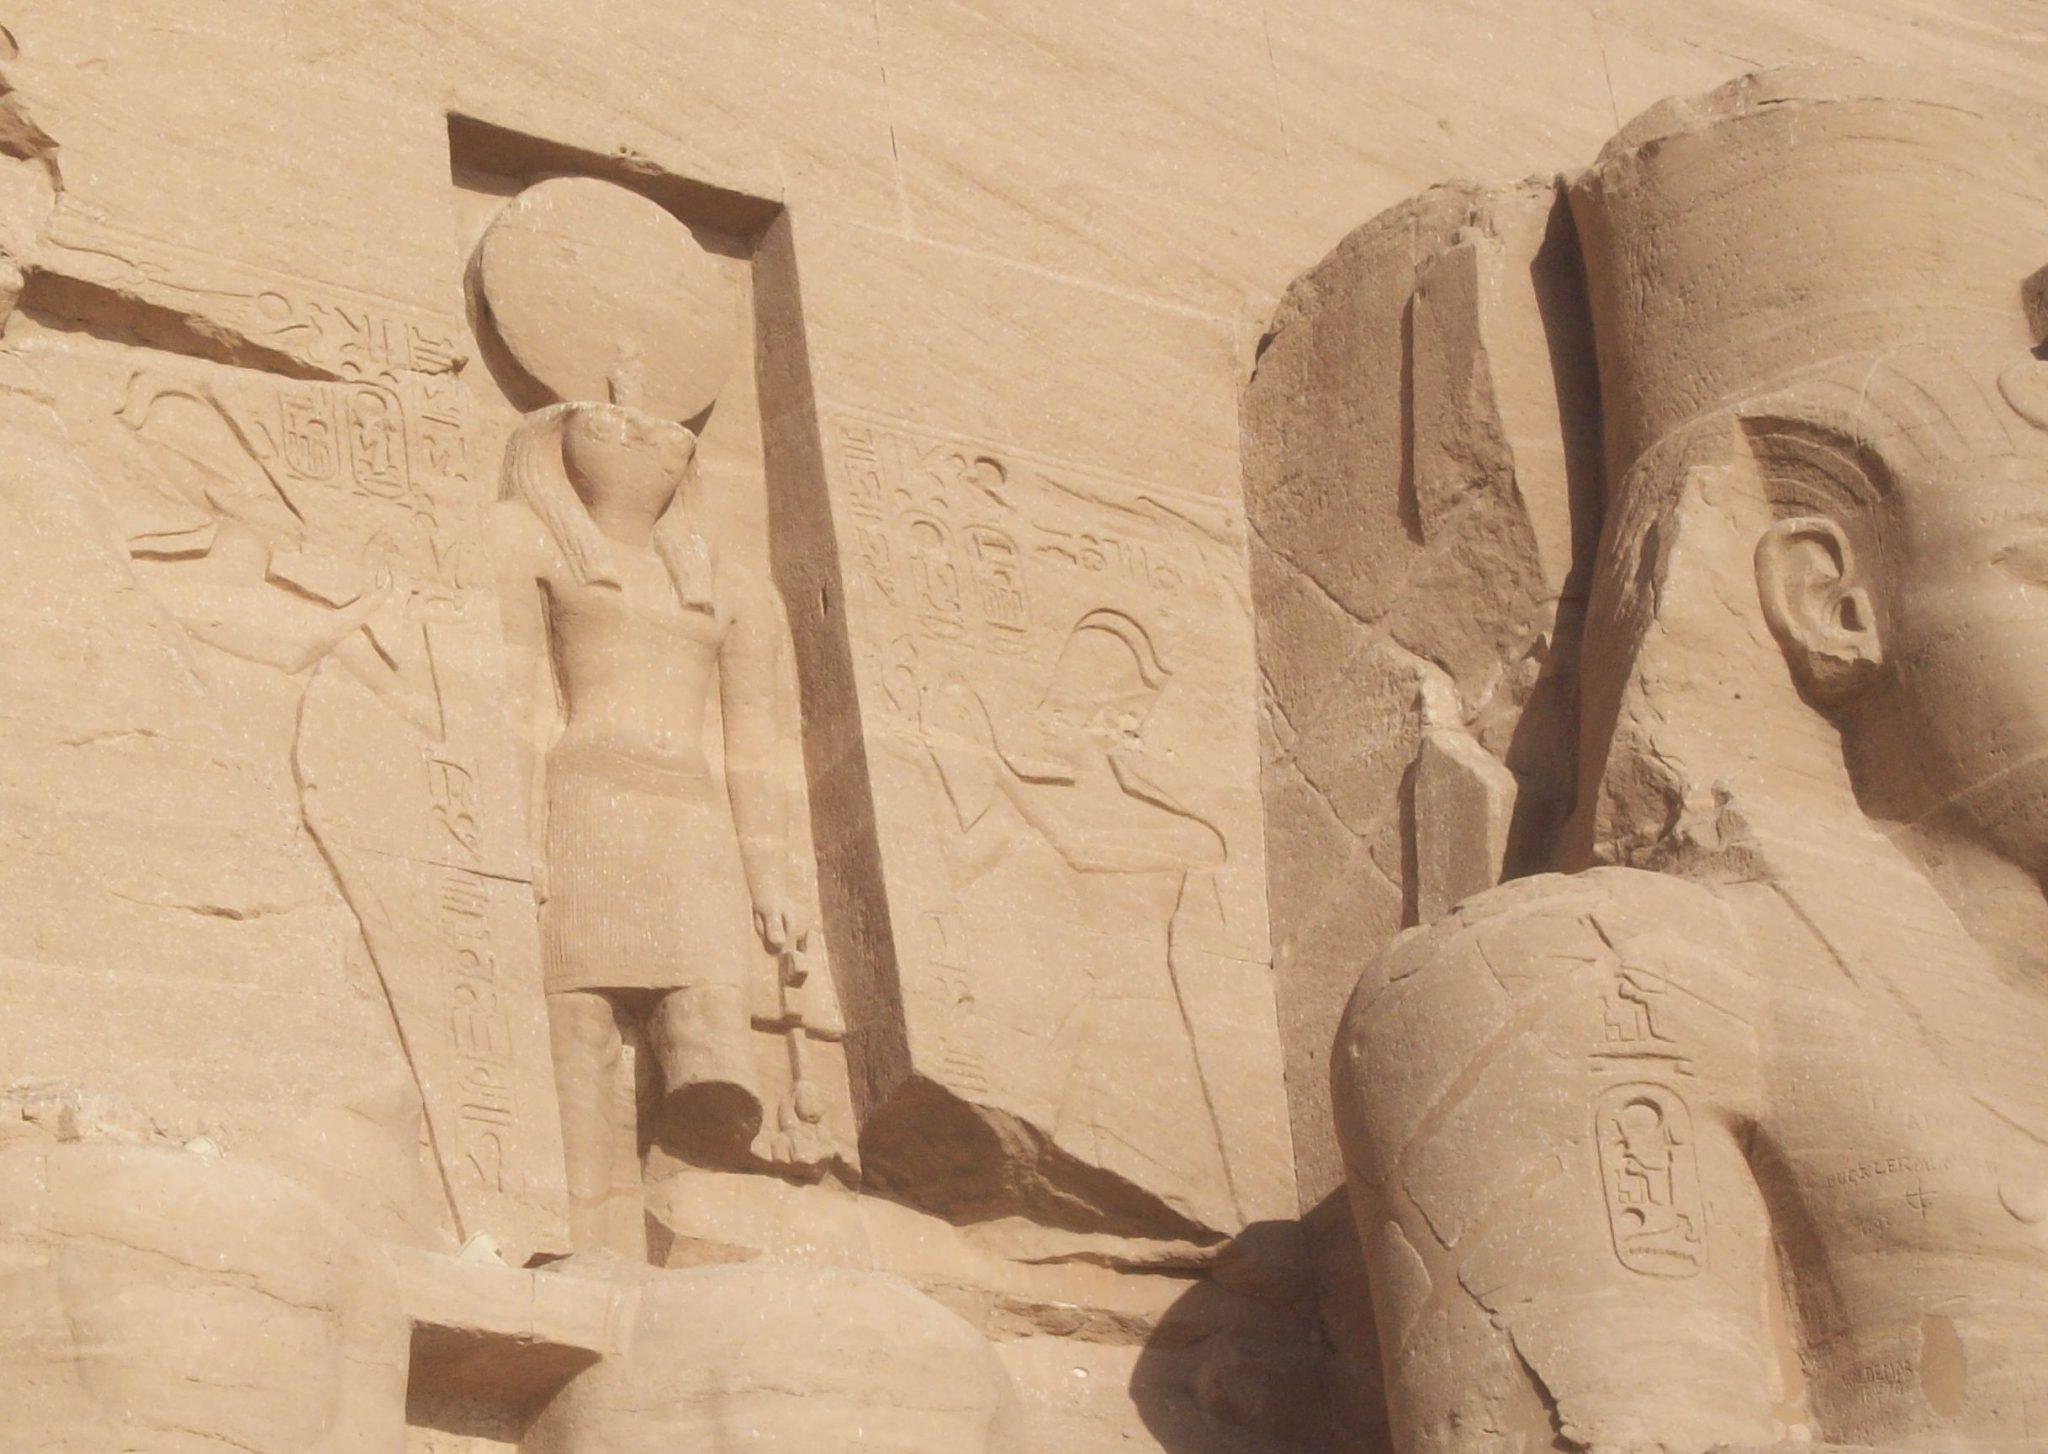 Ra-Horakhty Abu Simbel